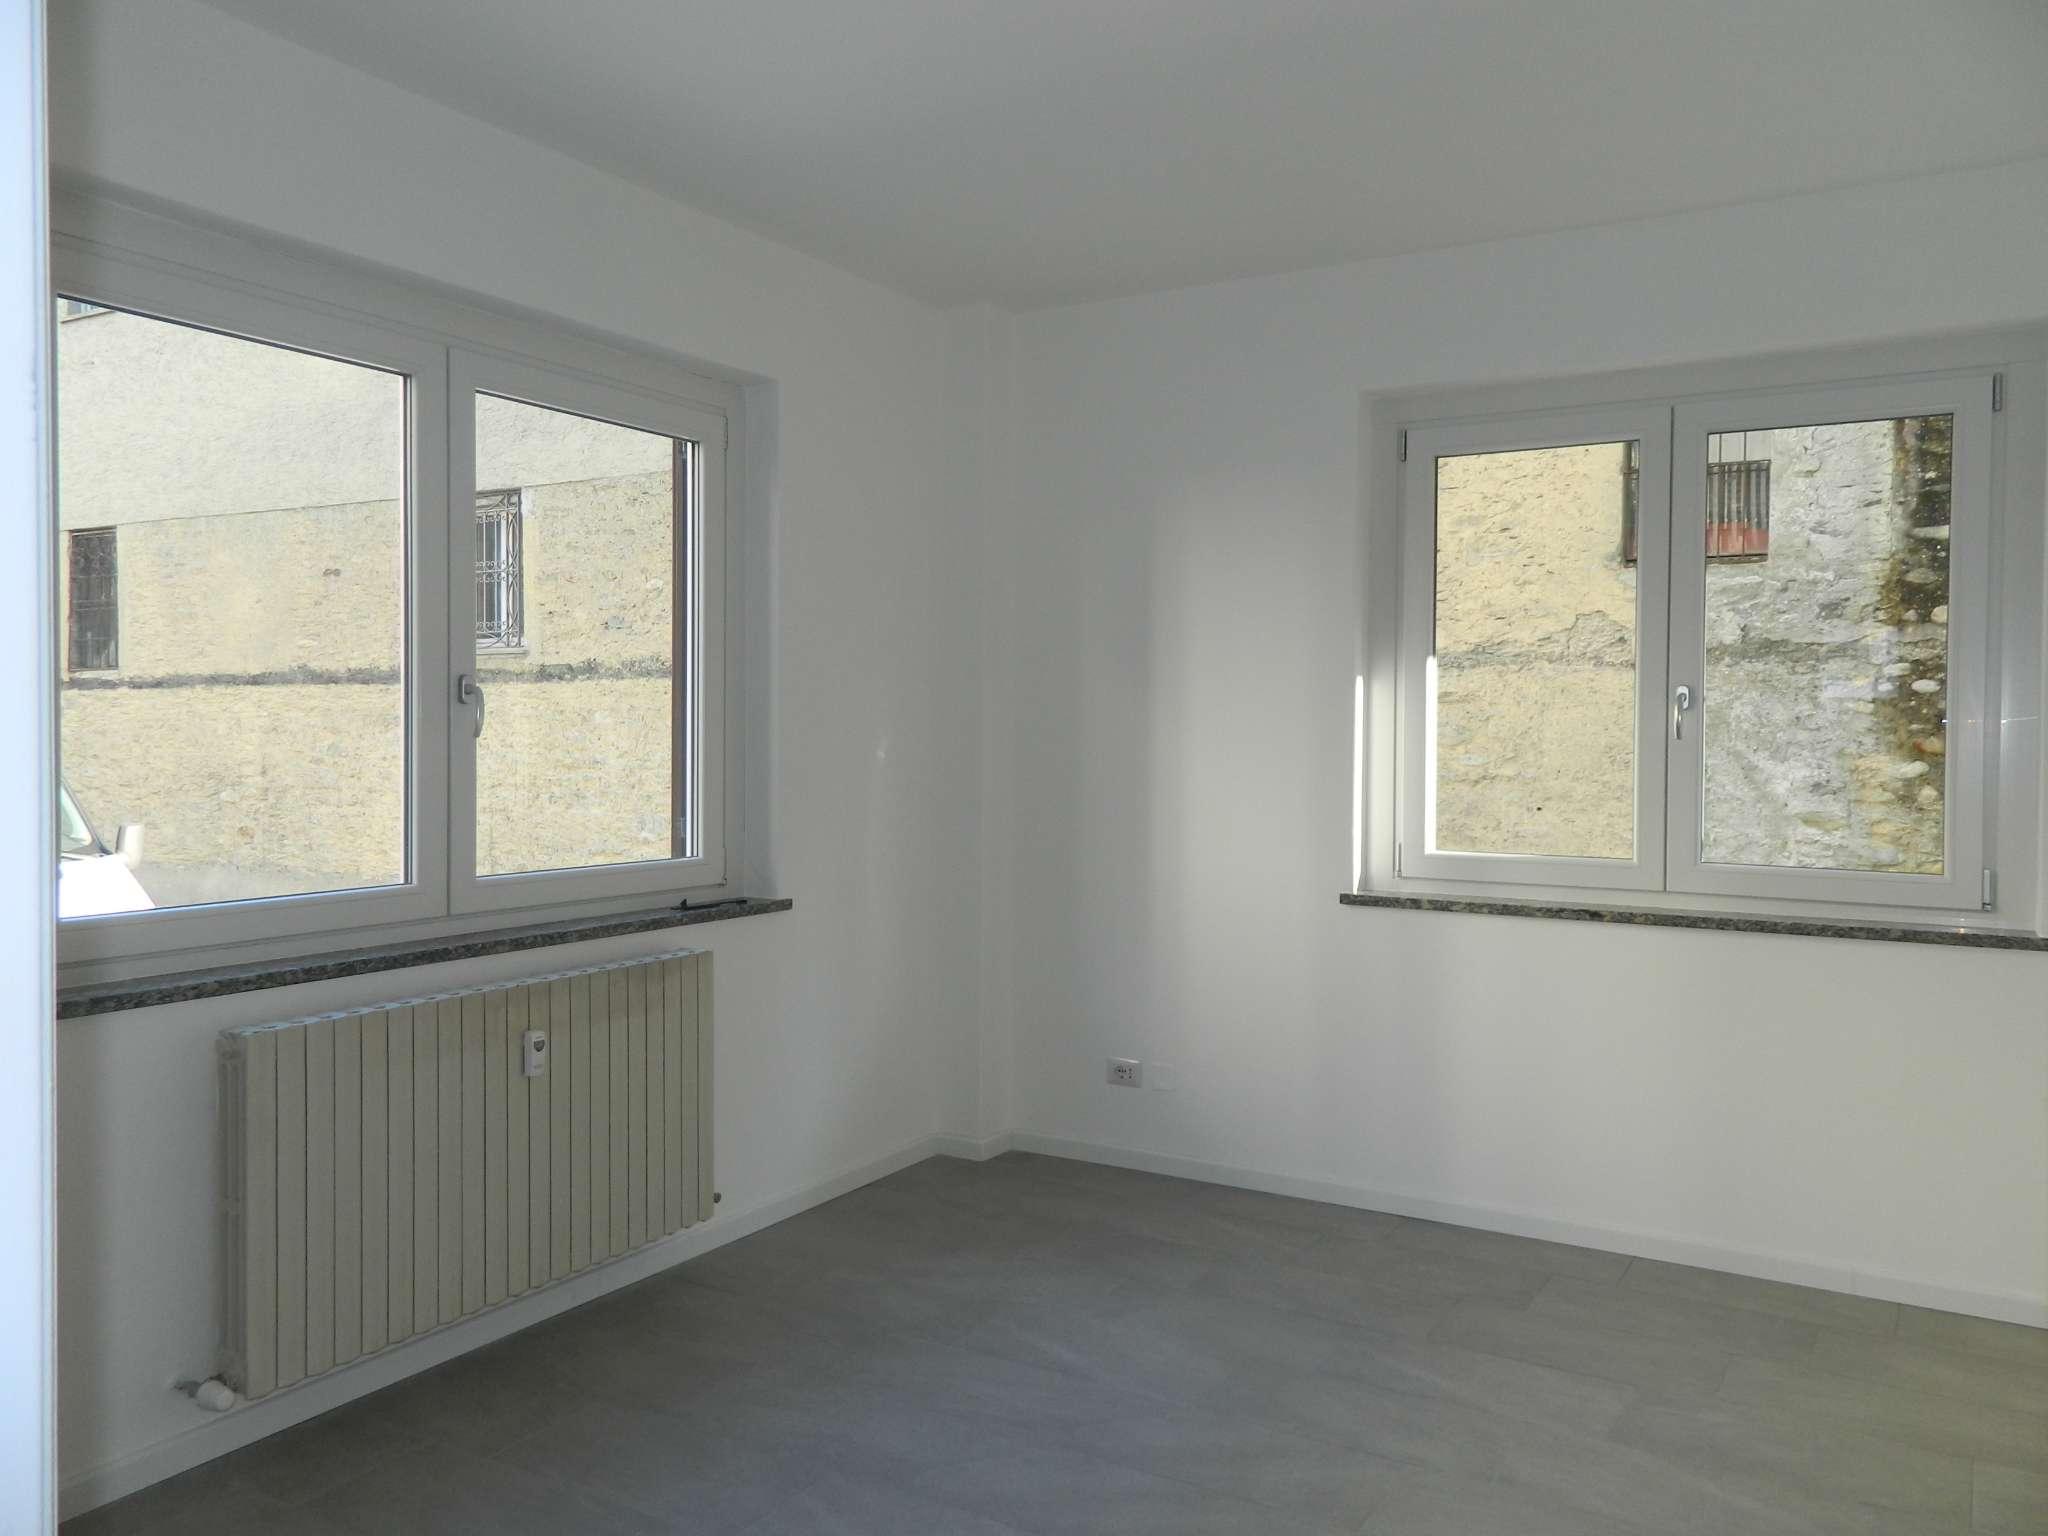 Ufficio / Studio in affitto a Sondrio, 3 locali, prezzo € 550 | PortaleAgenzieImmobiliari.it